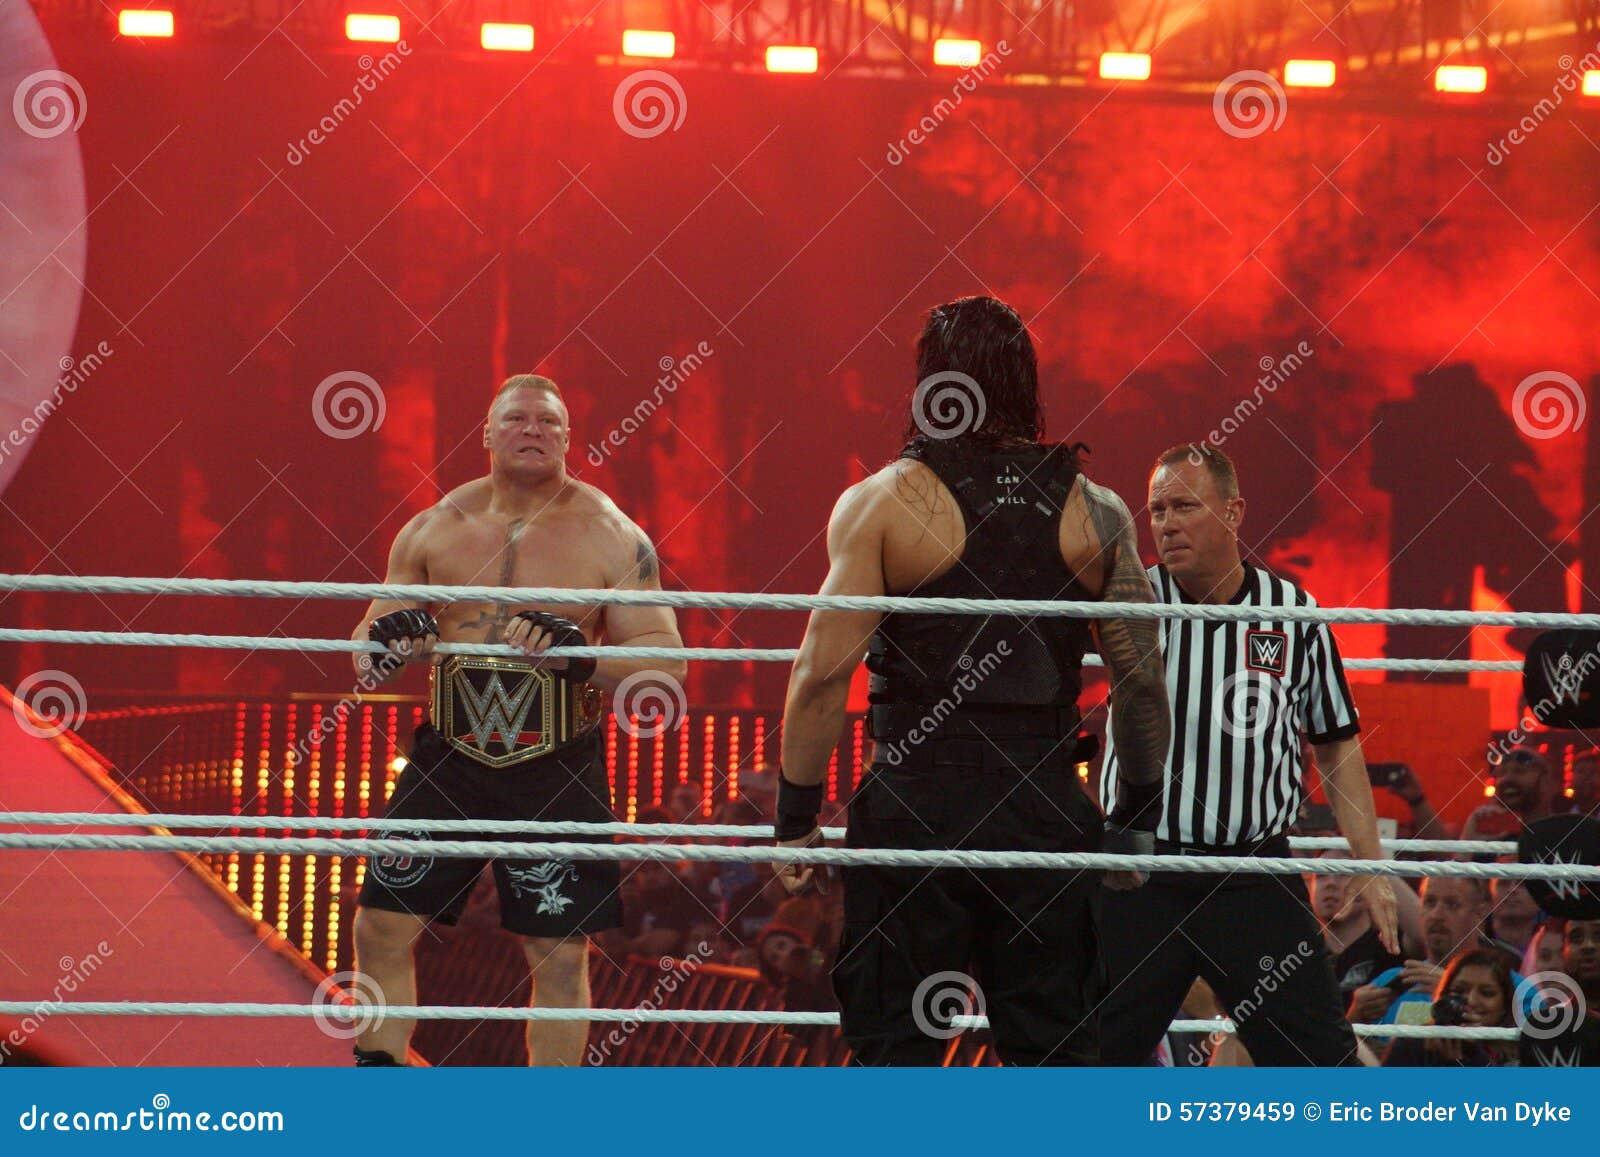 WWE-de Kampioen Brock Lesner staart over ring in Roman Reigns zoals